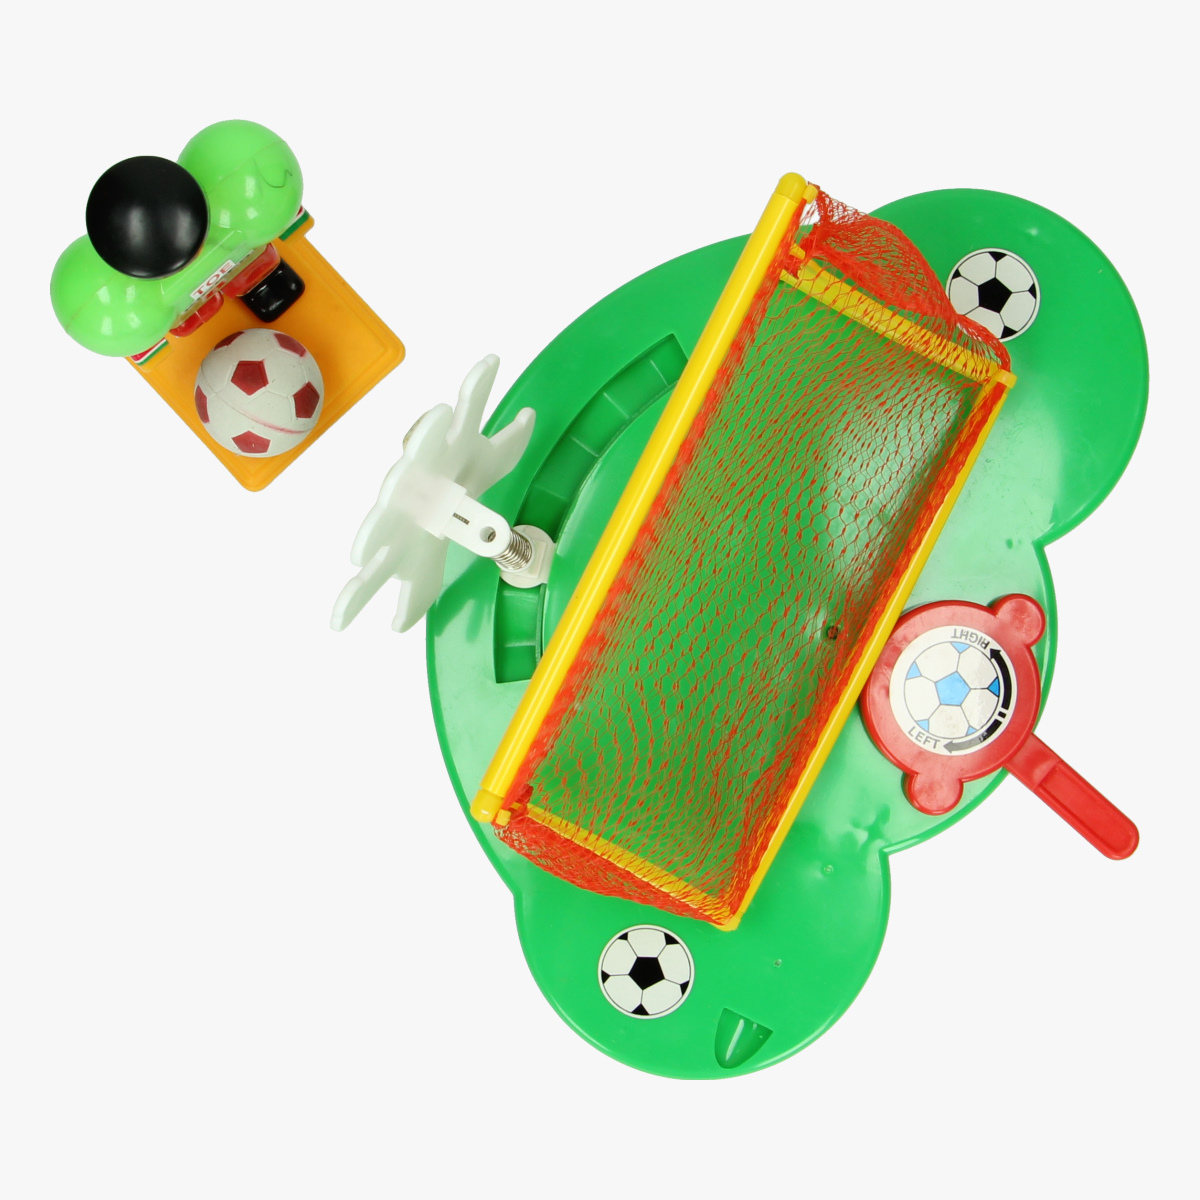 Afbeeldingen van Fancy Soccer. Speelgoed.